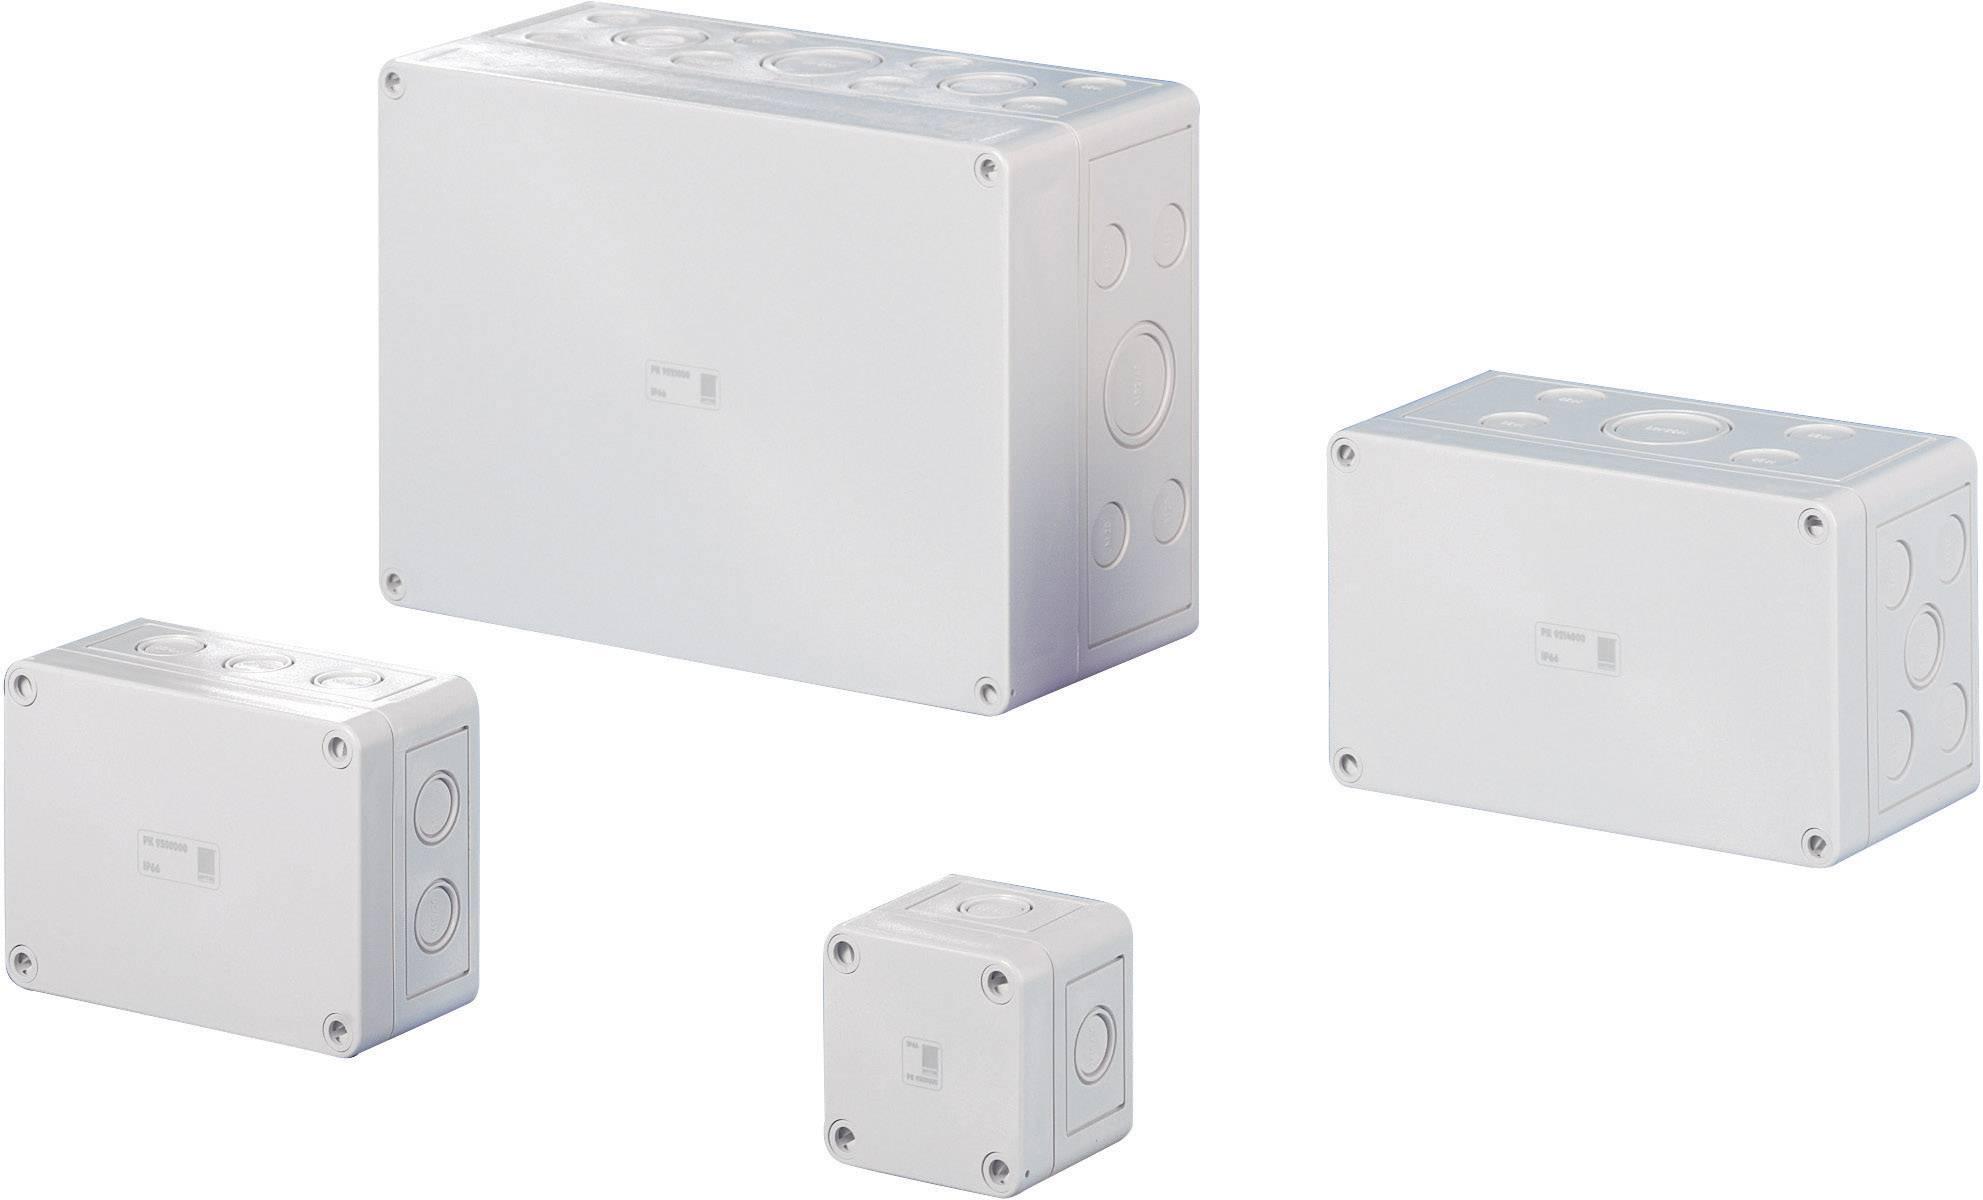 Inštalačná krabička Rittal PC 9508.050, (š x v x h) 130 x 94 x 57 mm, polykarbonát, šedá, 1 ks